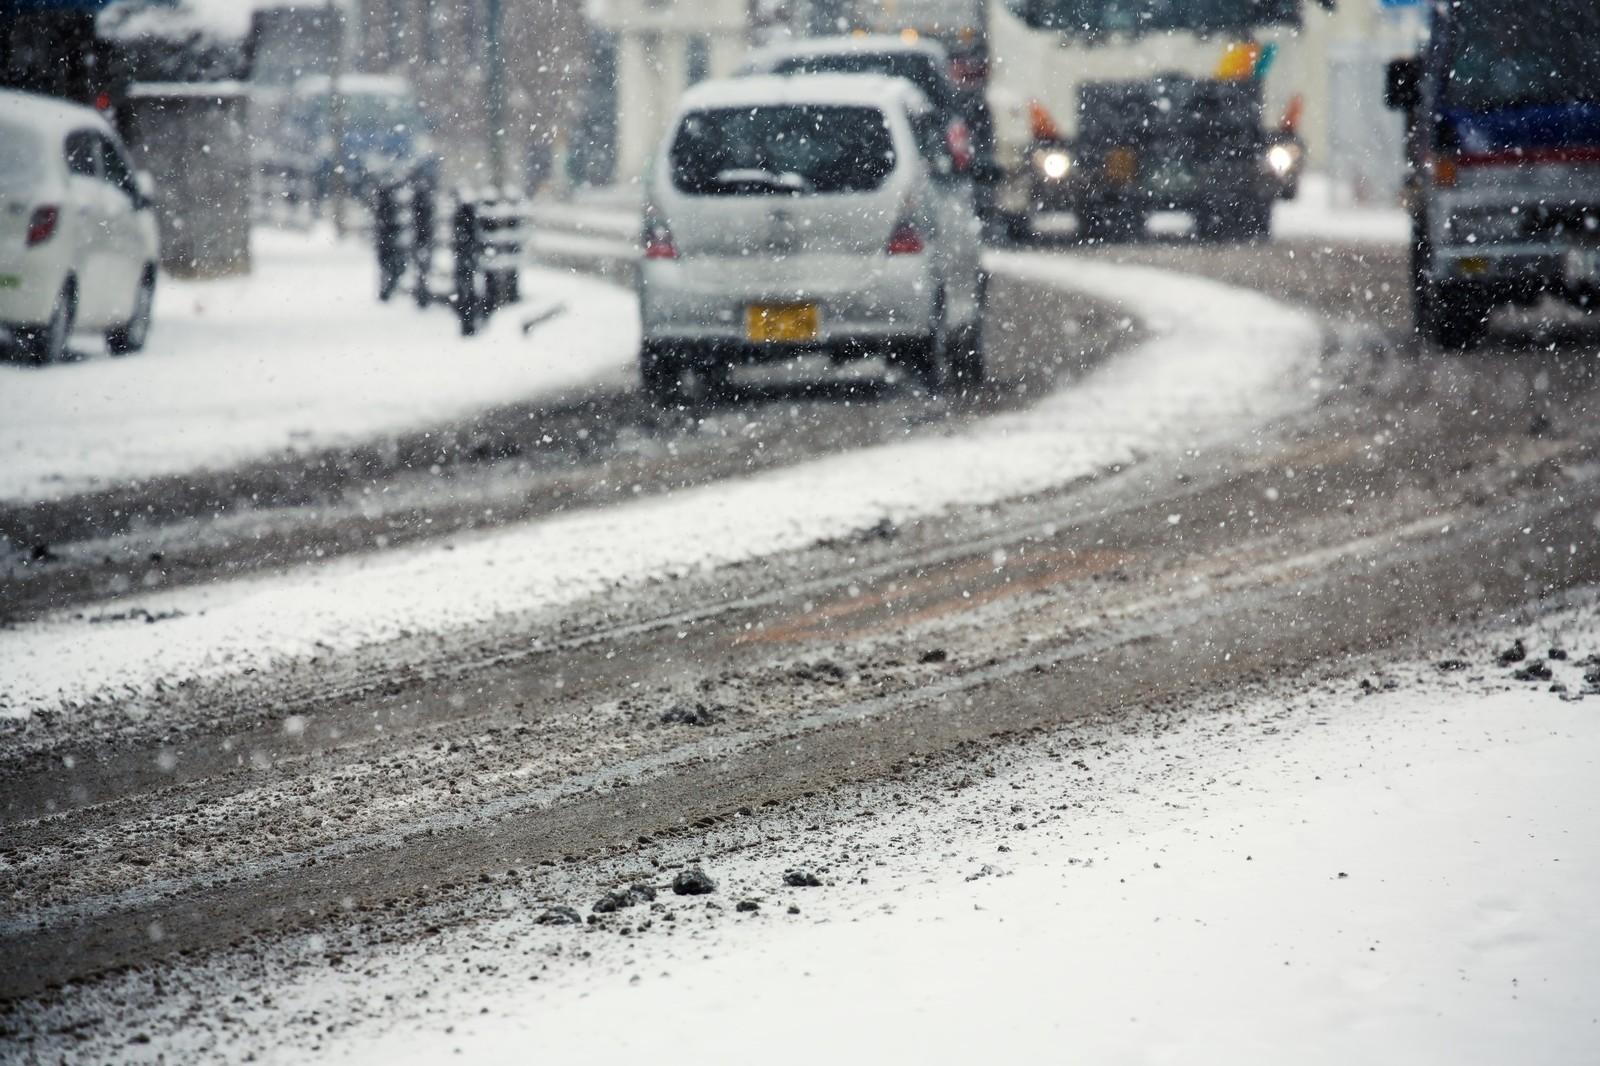 レンタカーで除雪装置を使うことはできるのか